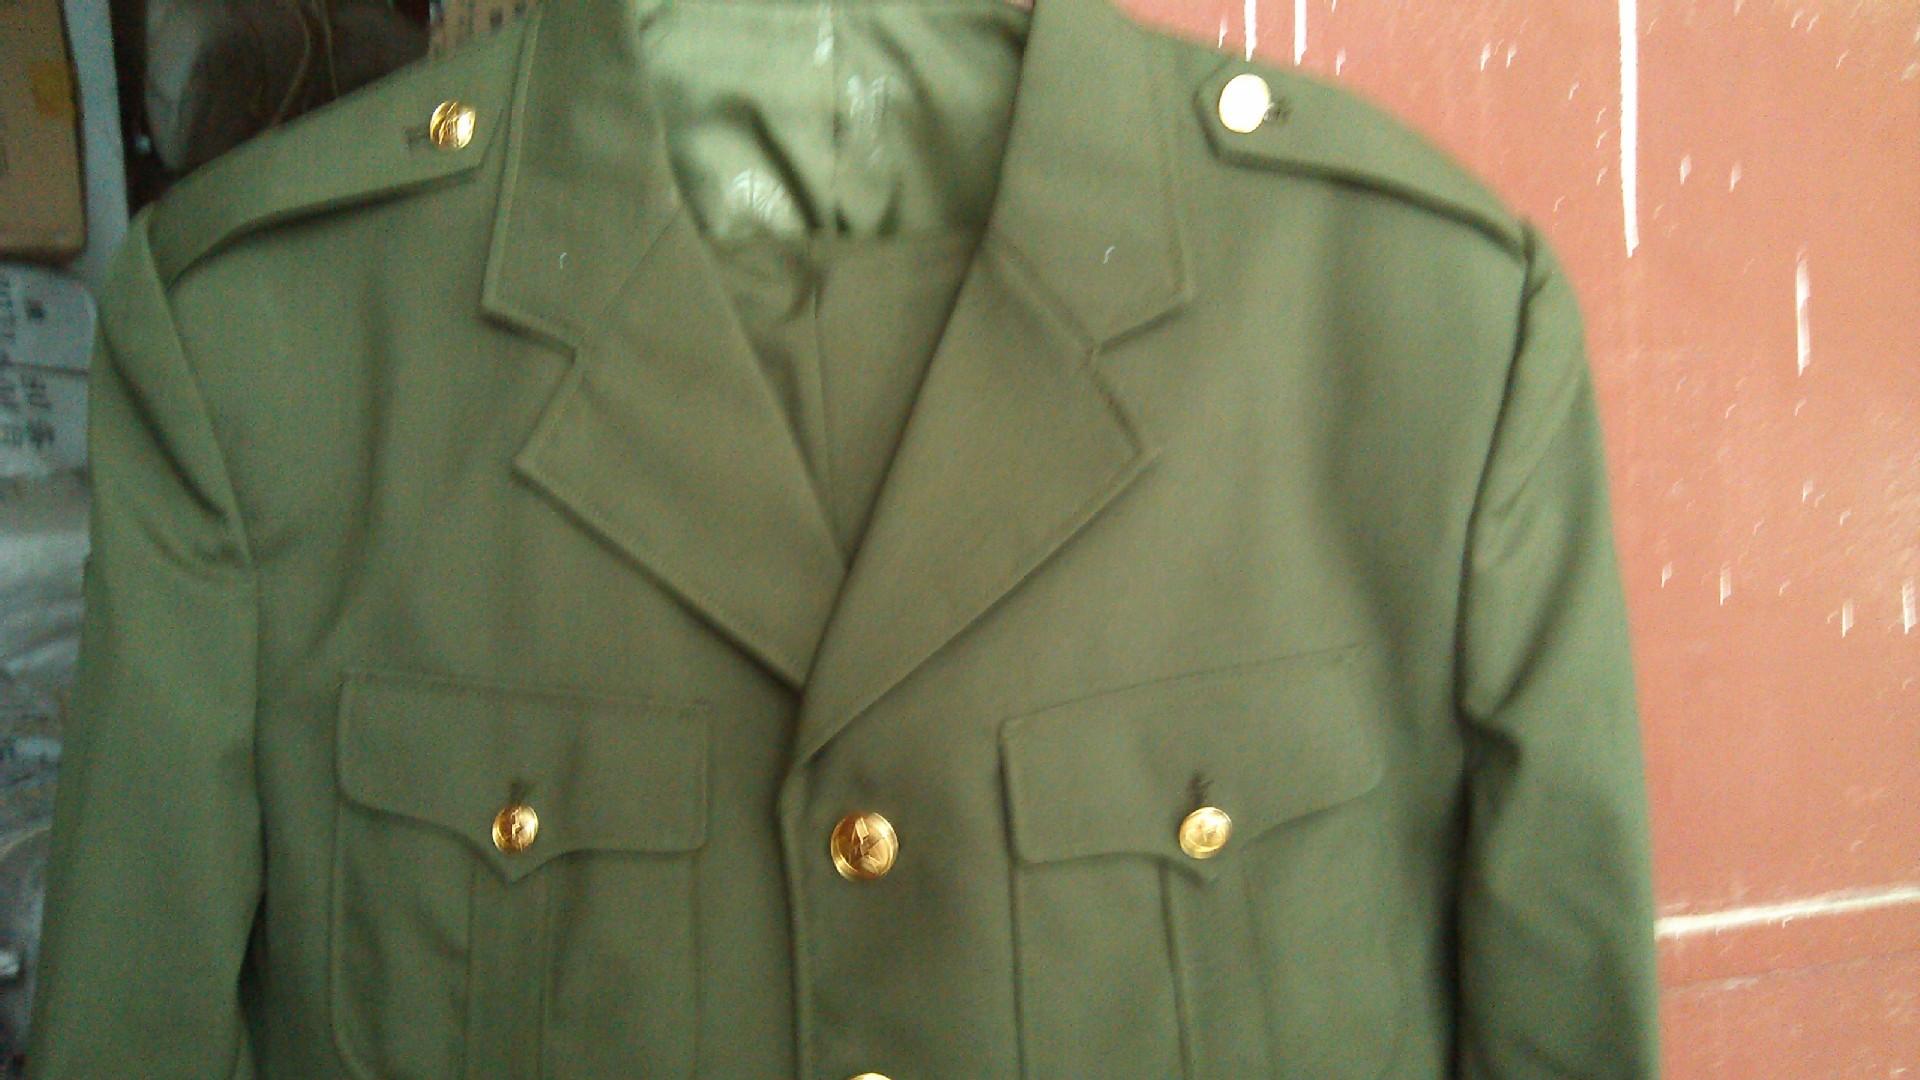 87陆军军官夏常服 老式军装 87全衬毛料军官夏常服 87空军夏常服 -价图片